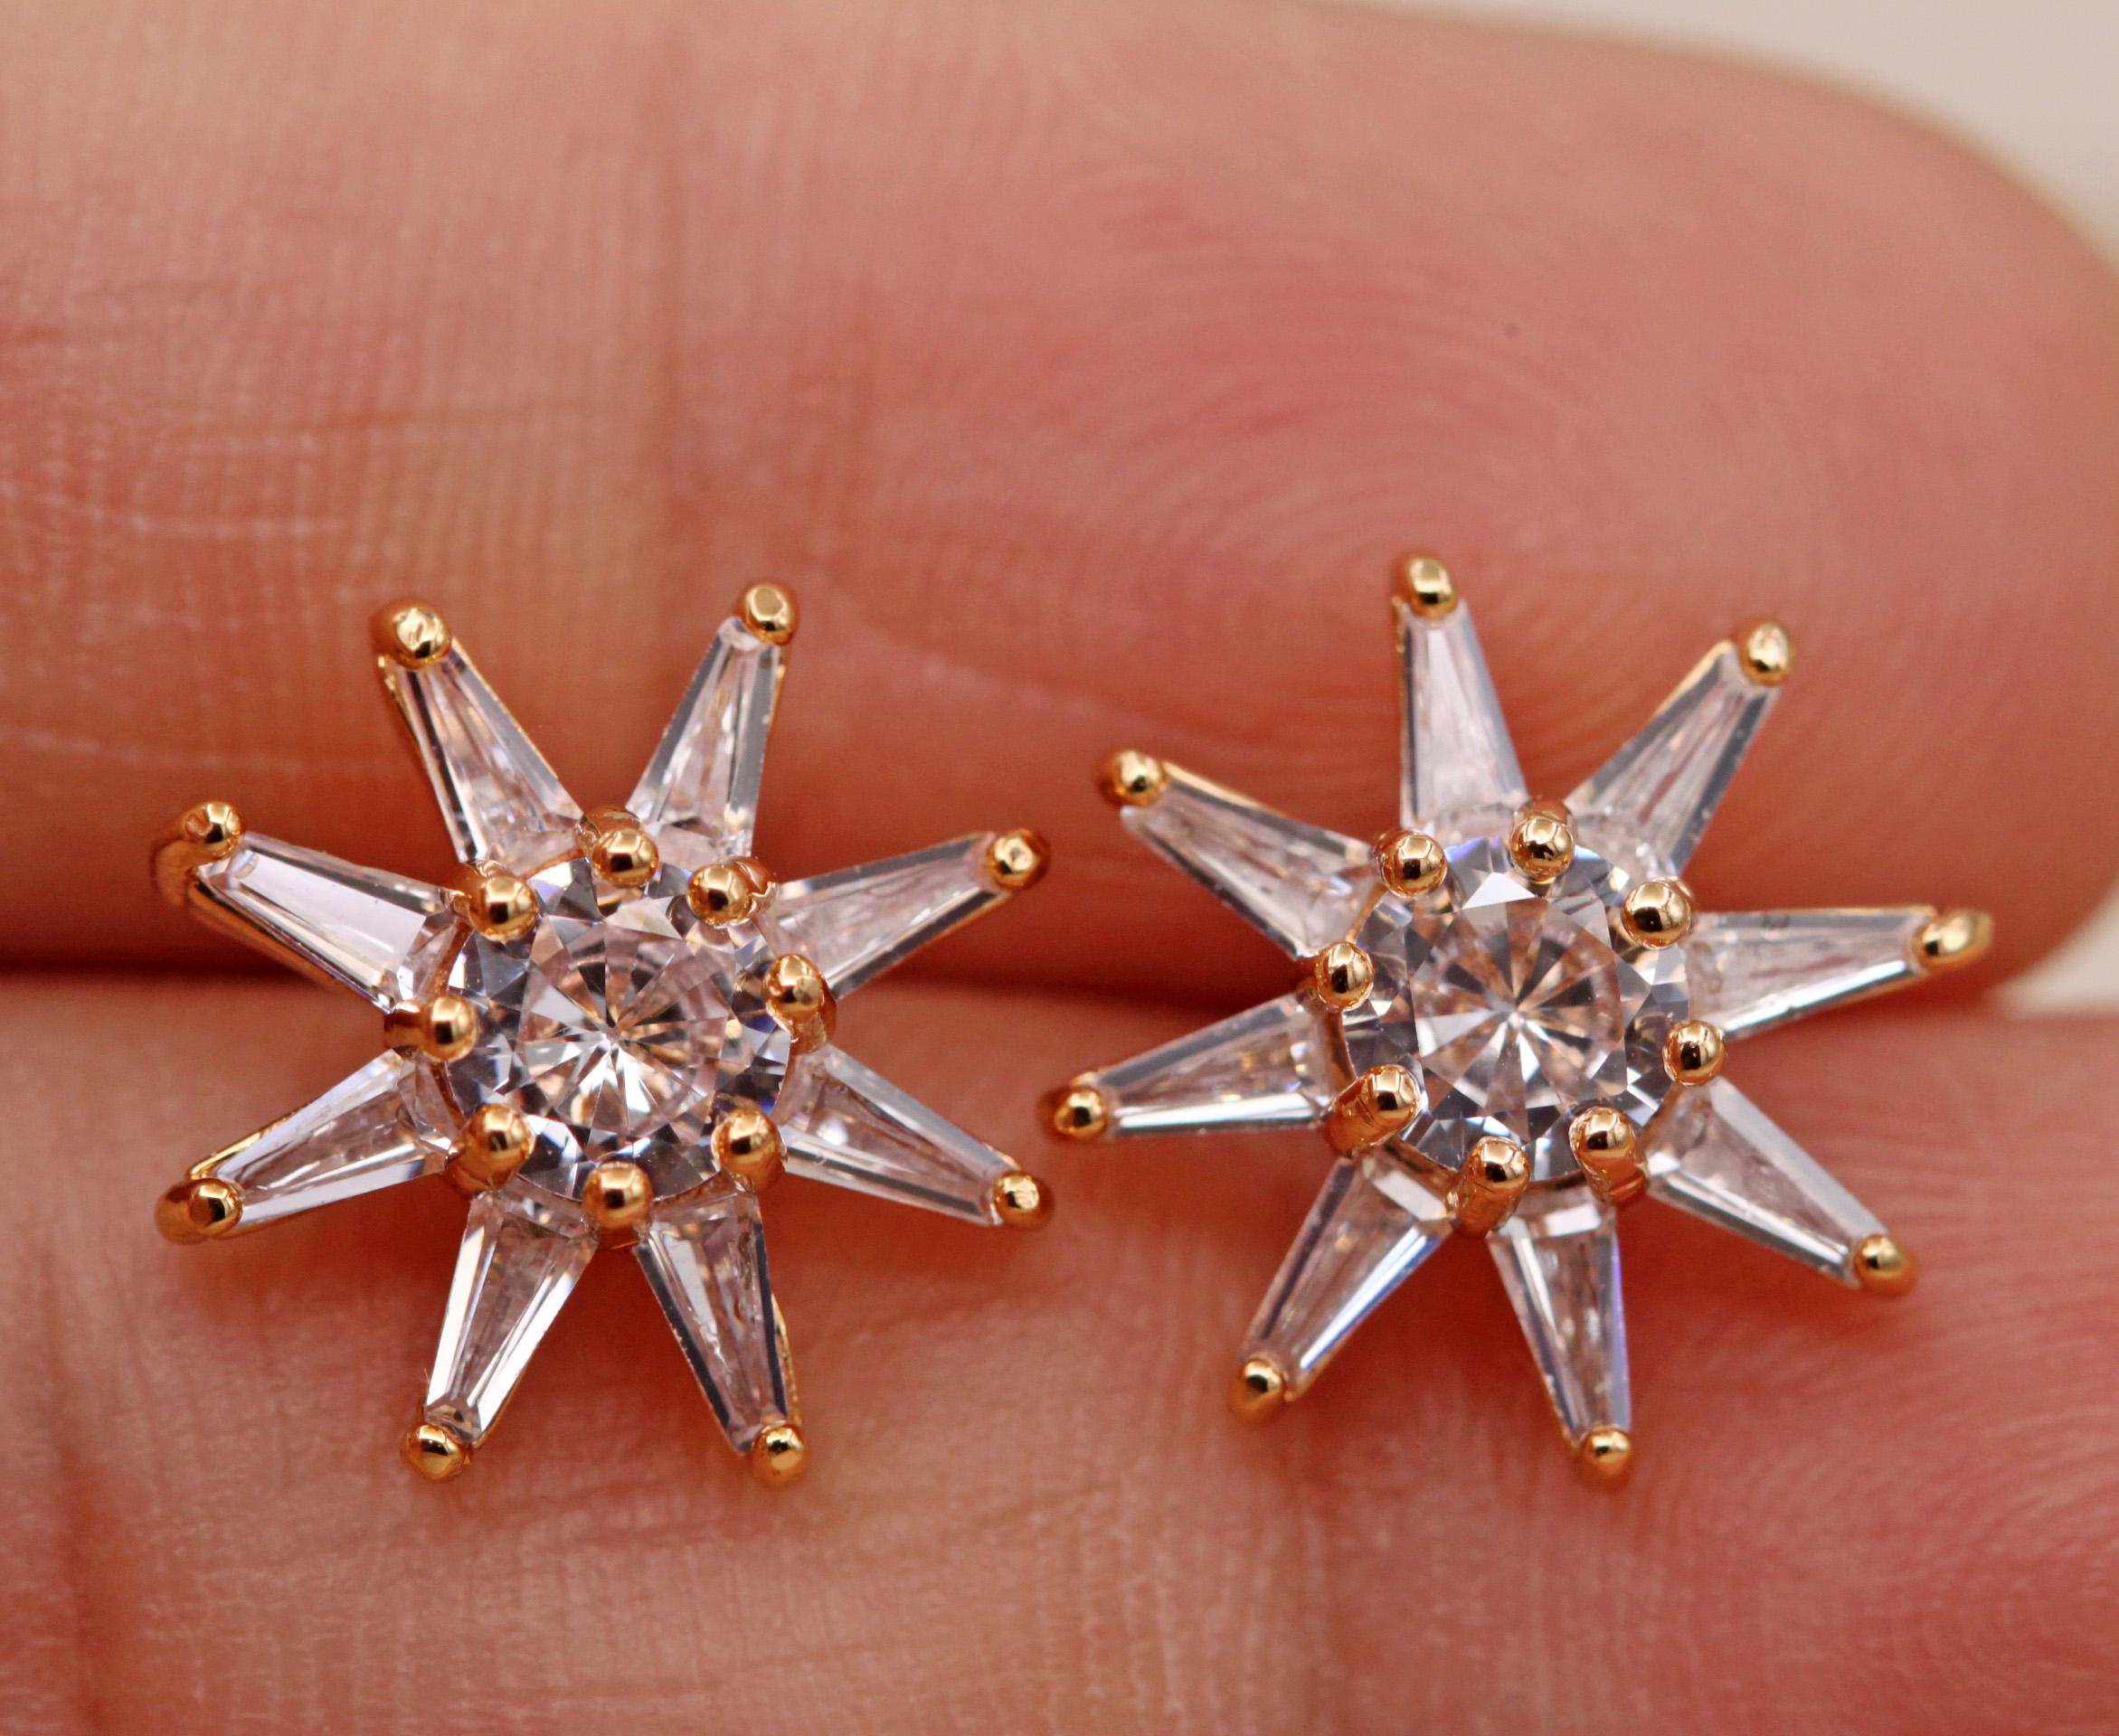 Trendy-Ear-Stud-Earrings-Flower-gem-18K-Gold-Filled-Women-Topaz-Zircon-Gift thumbnail 71